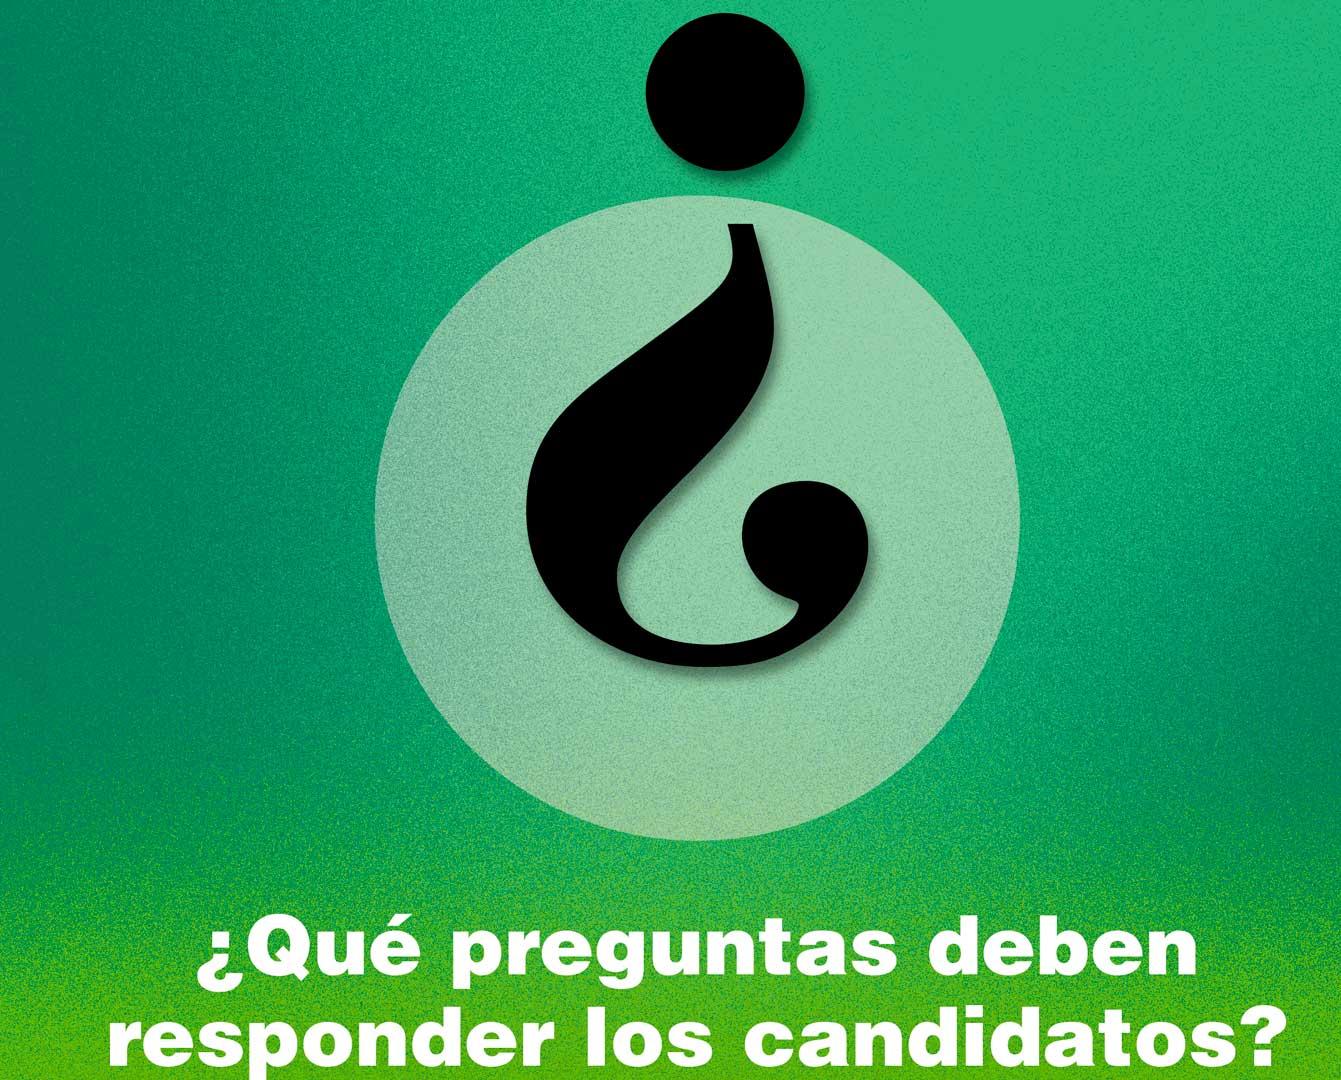 ¿QUE PREGUNTAS DEBEN RESPONDER LOS CANDIDATOS?